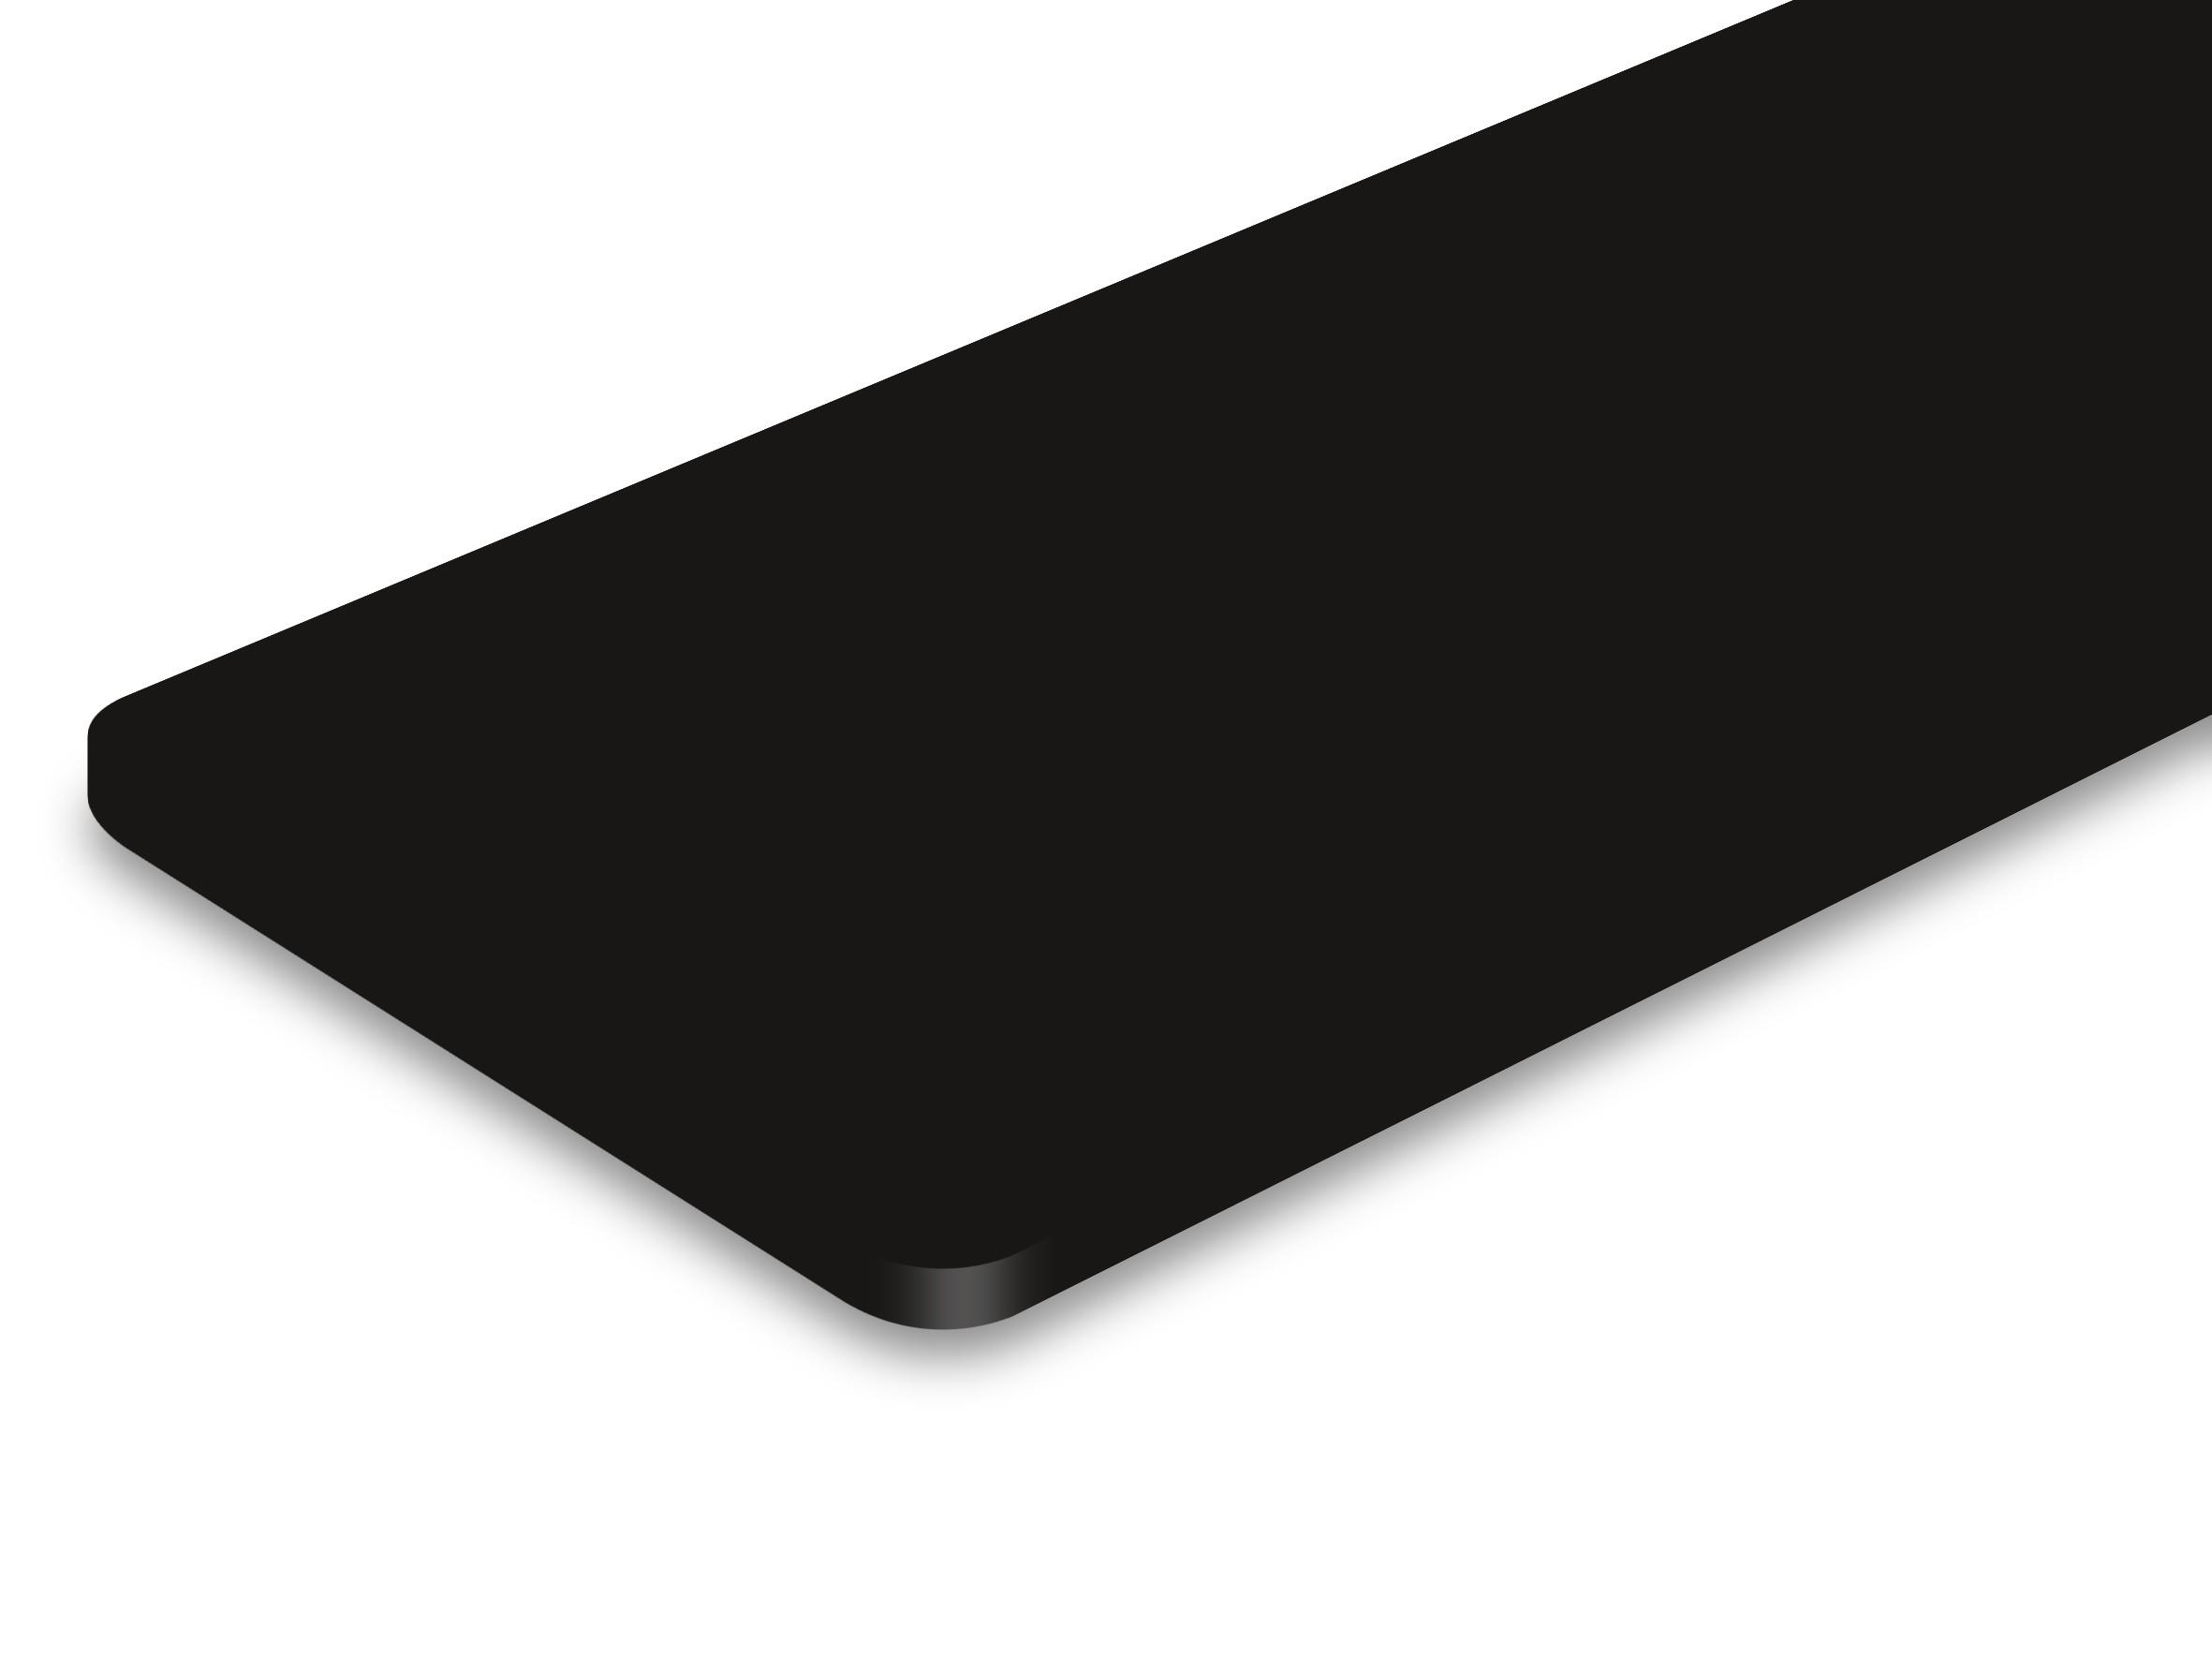 L404-106 Noir 1,6mm(acryflex)